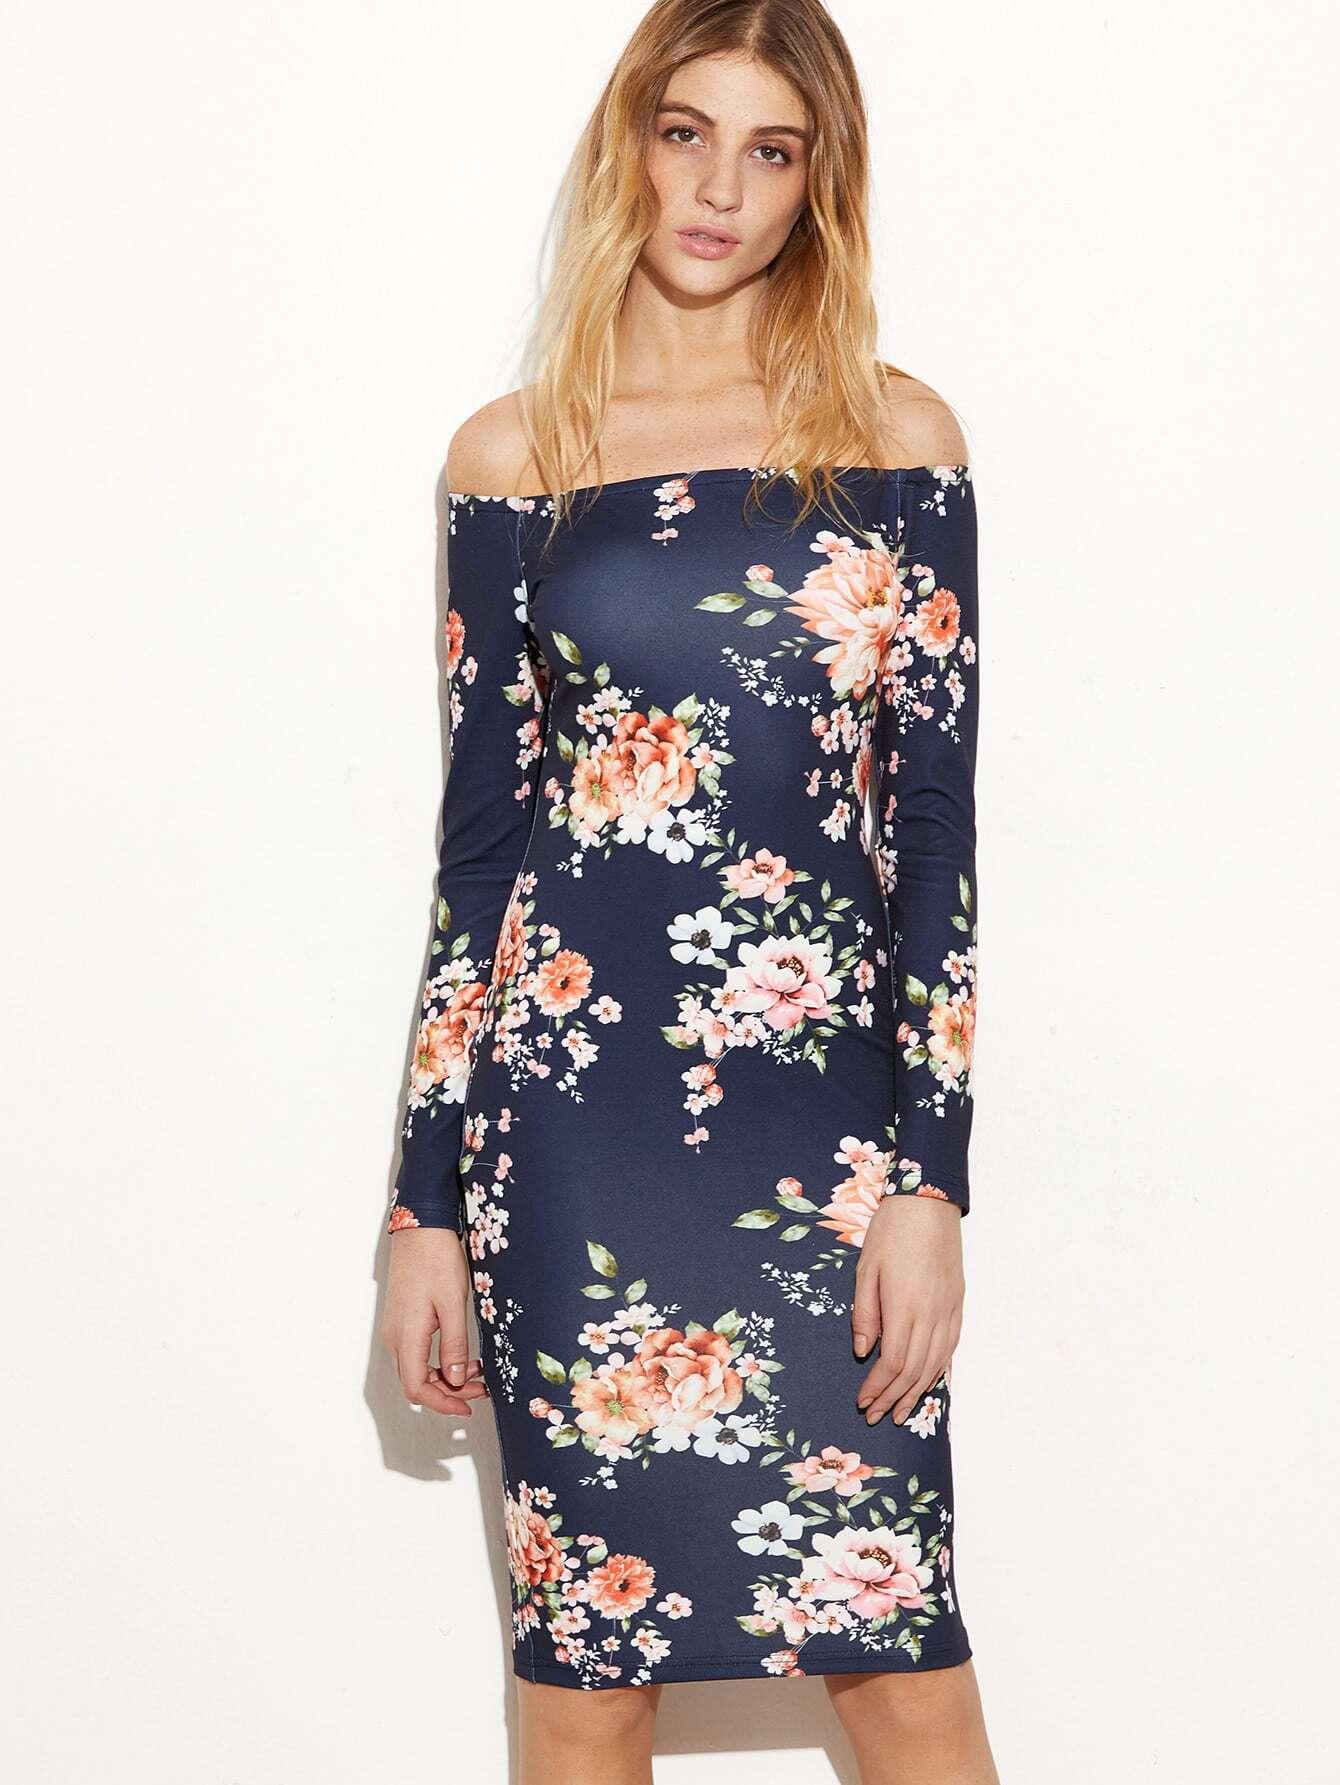 dress161113705_2